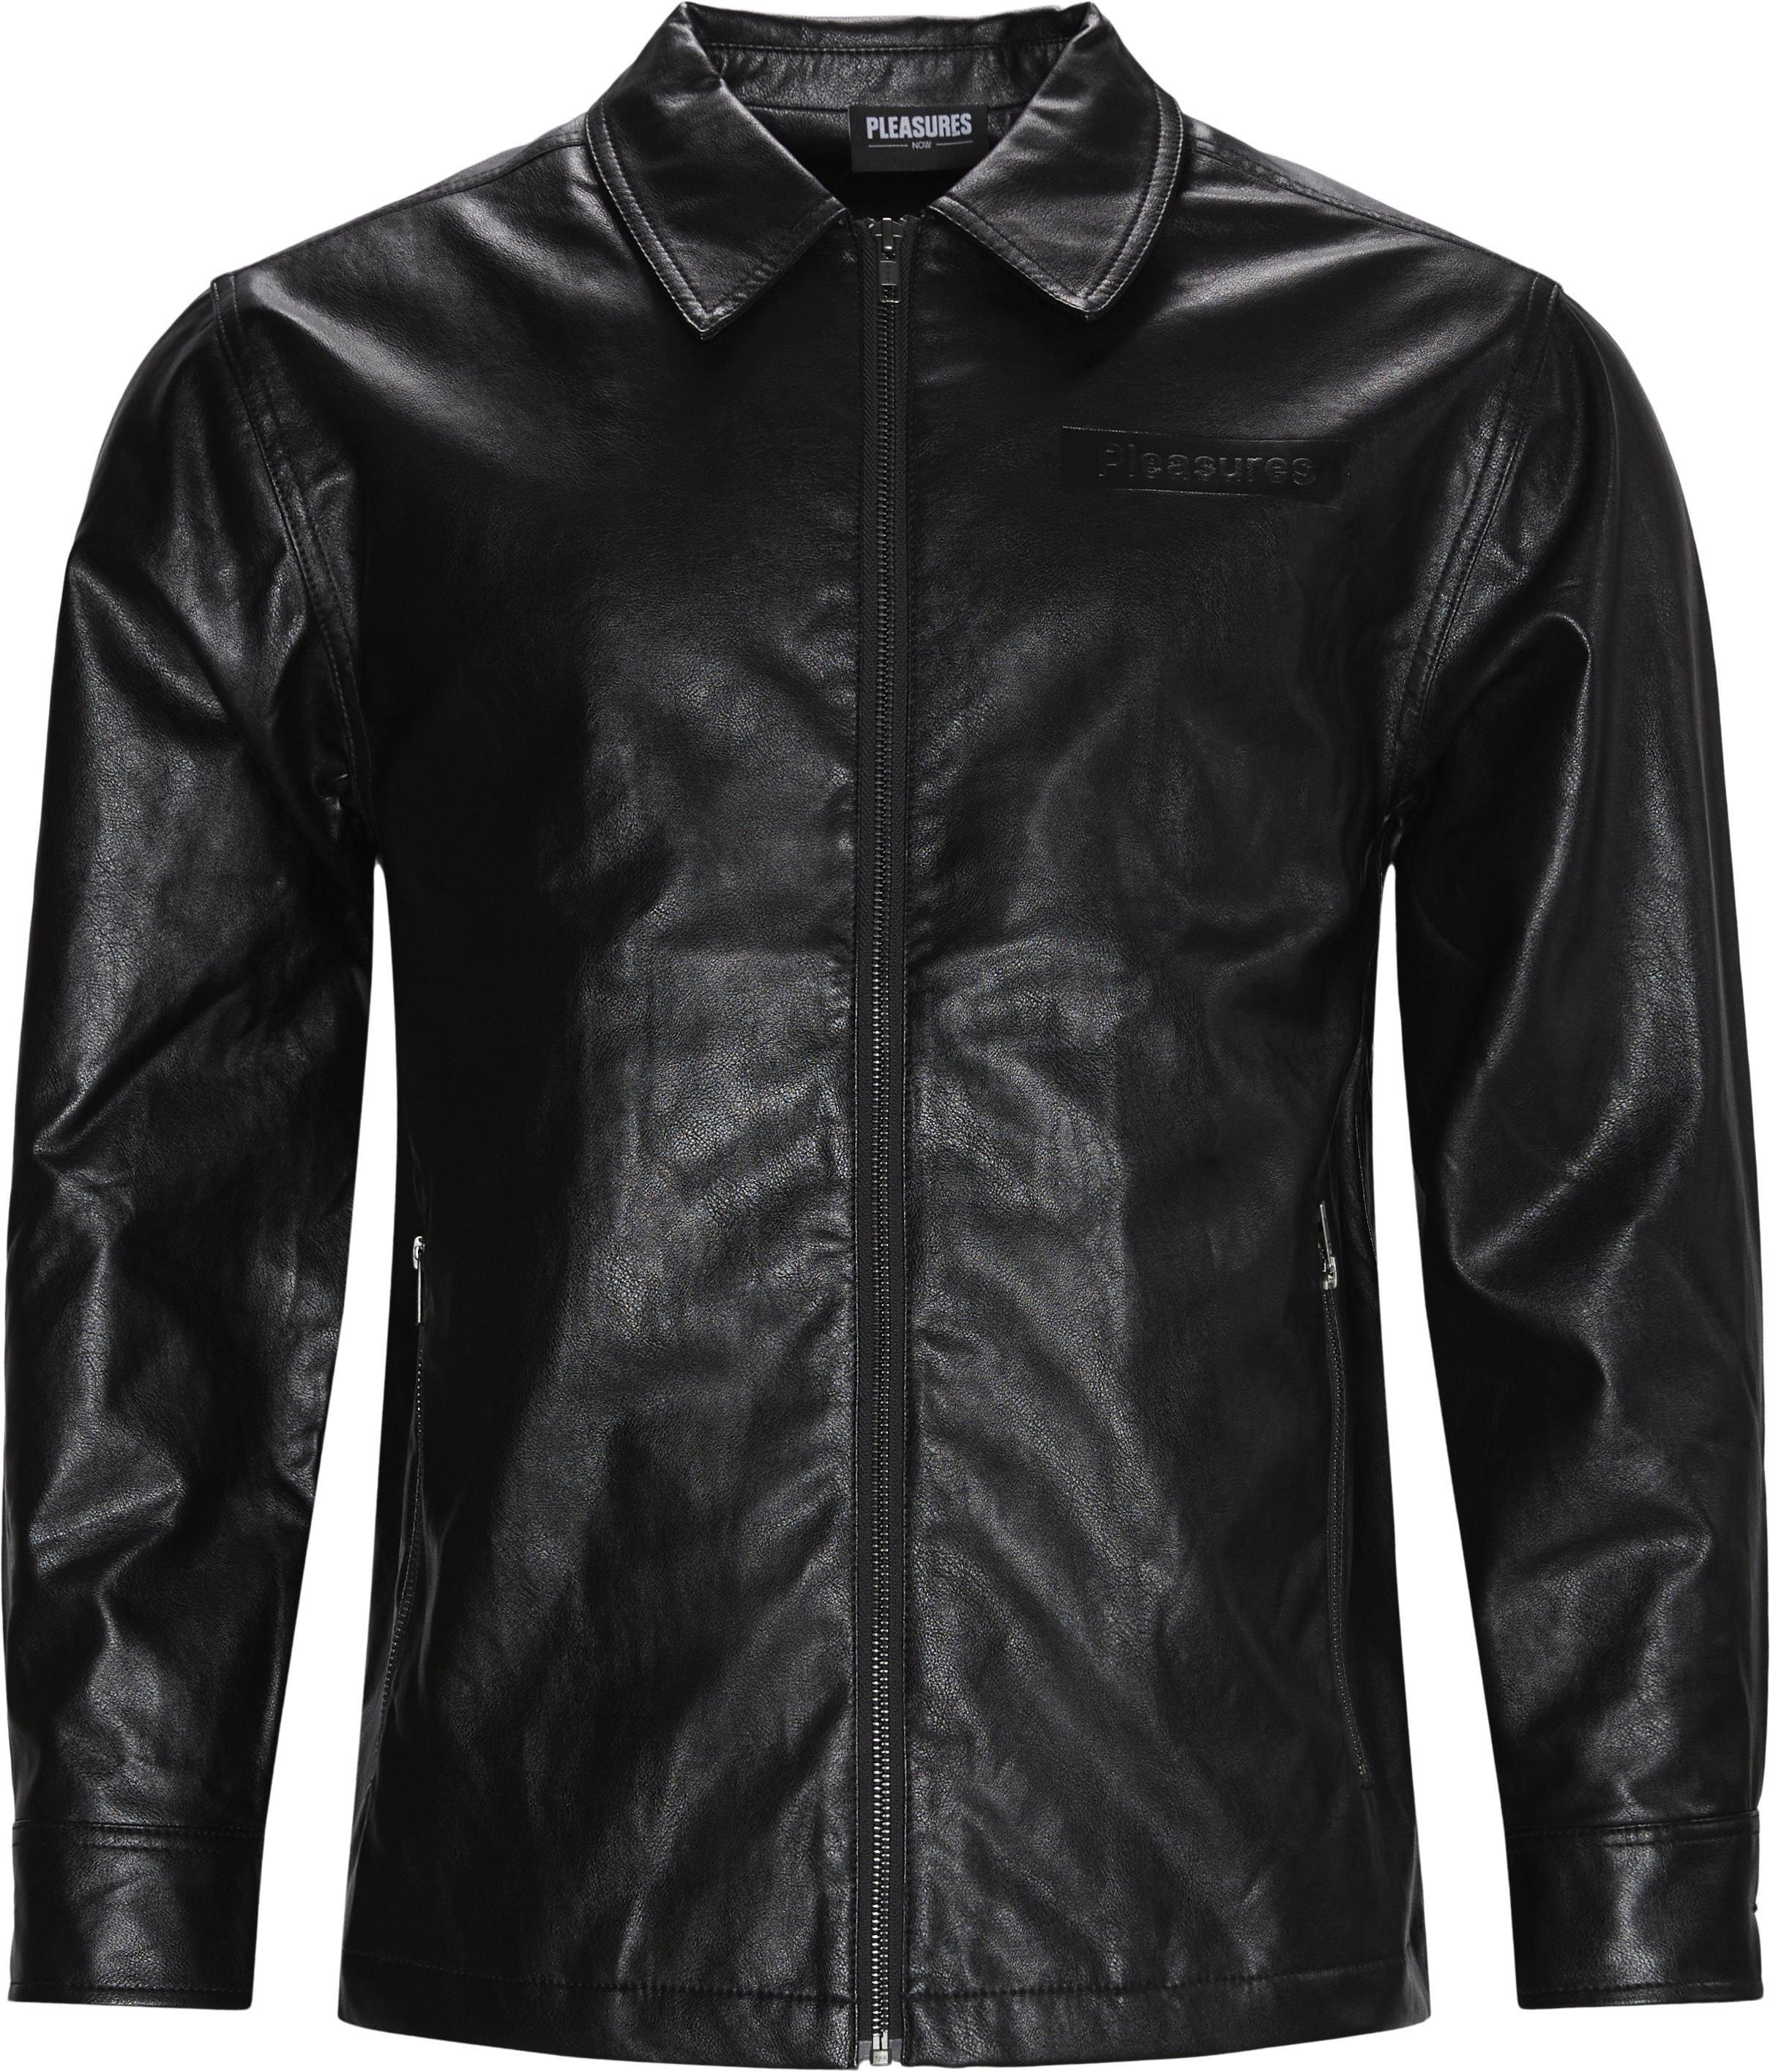 Loaded Zip Jacket - Jackor - Regular - Svart